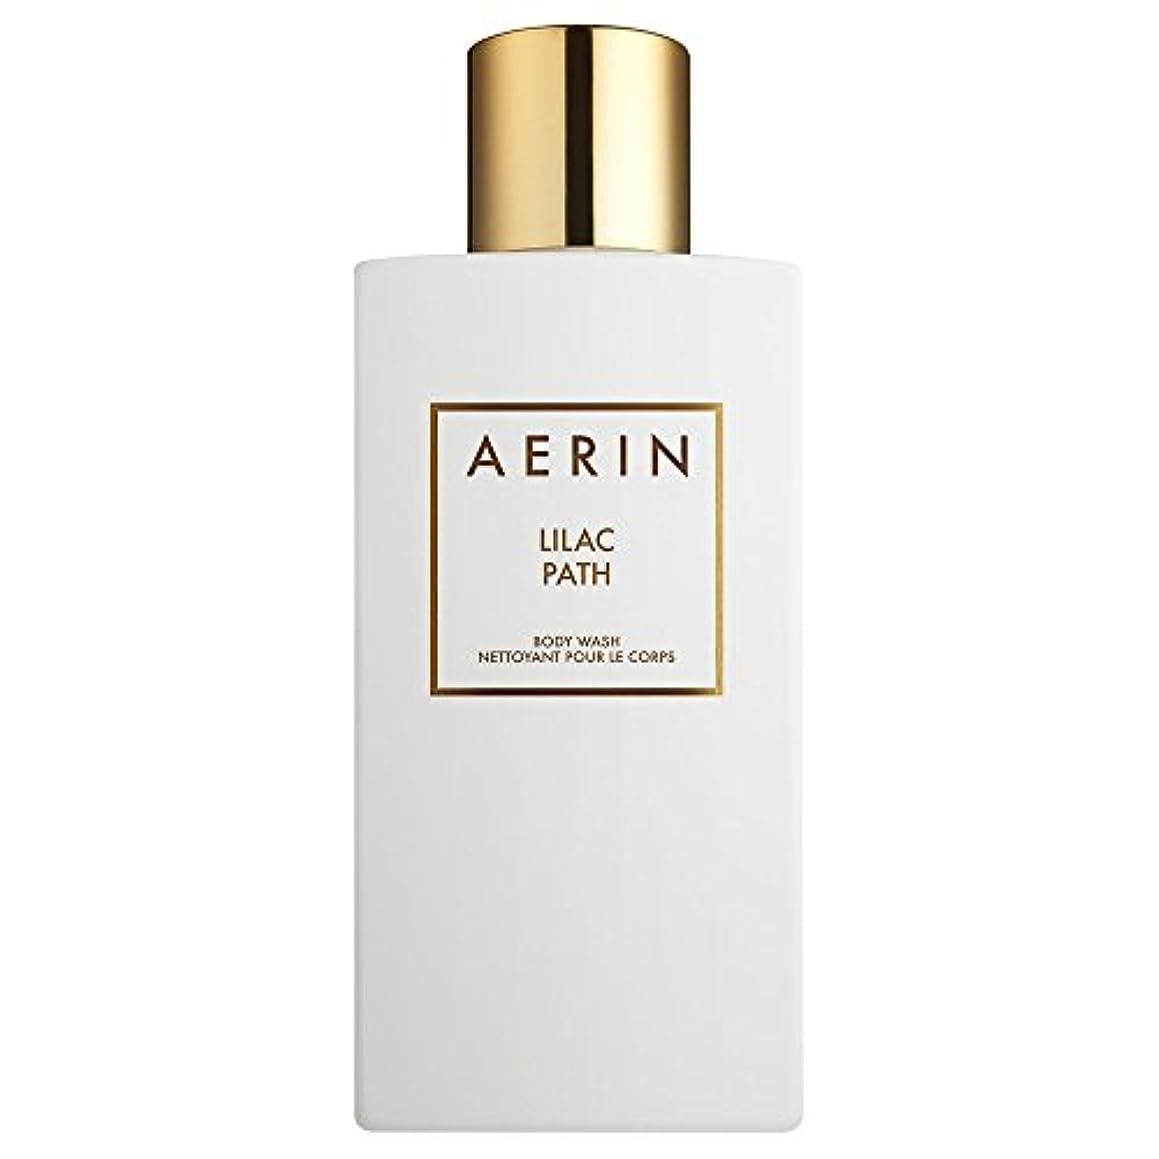 Aerinライラックパスボディウォッシュ225ミリリットル (AERIN) - AERIN Lilac Path Bodywash 225ml [並行輸入品]